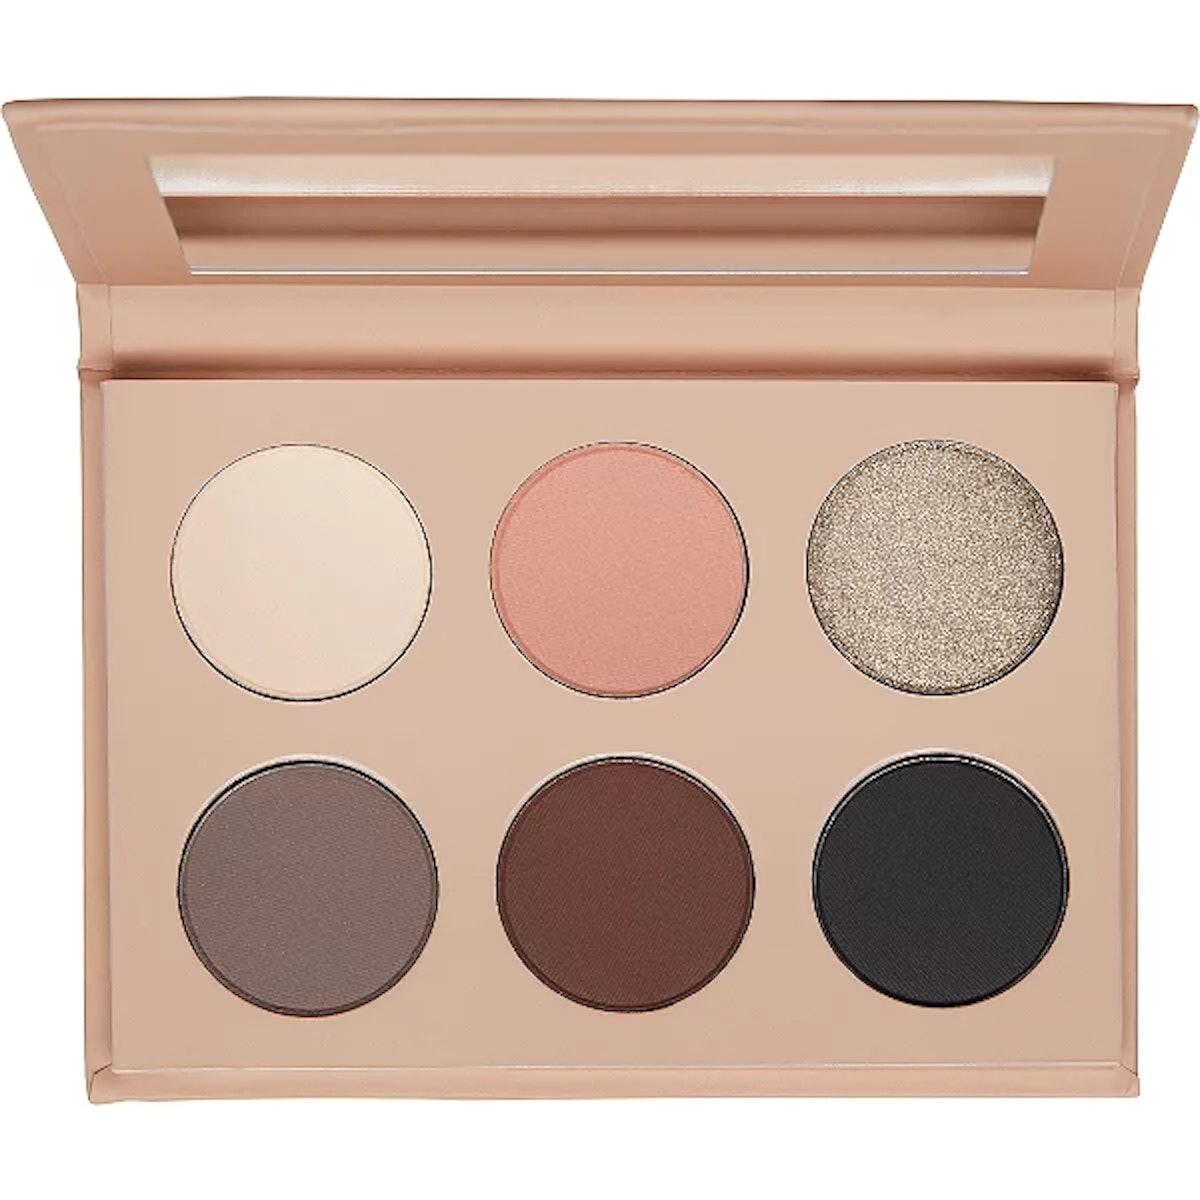 KKW Beauty Smokey Volume I Eyeshadow Palette